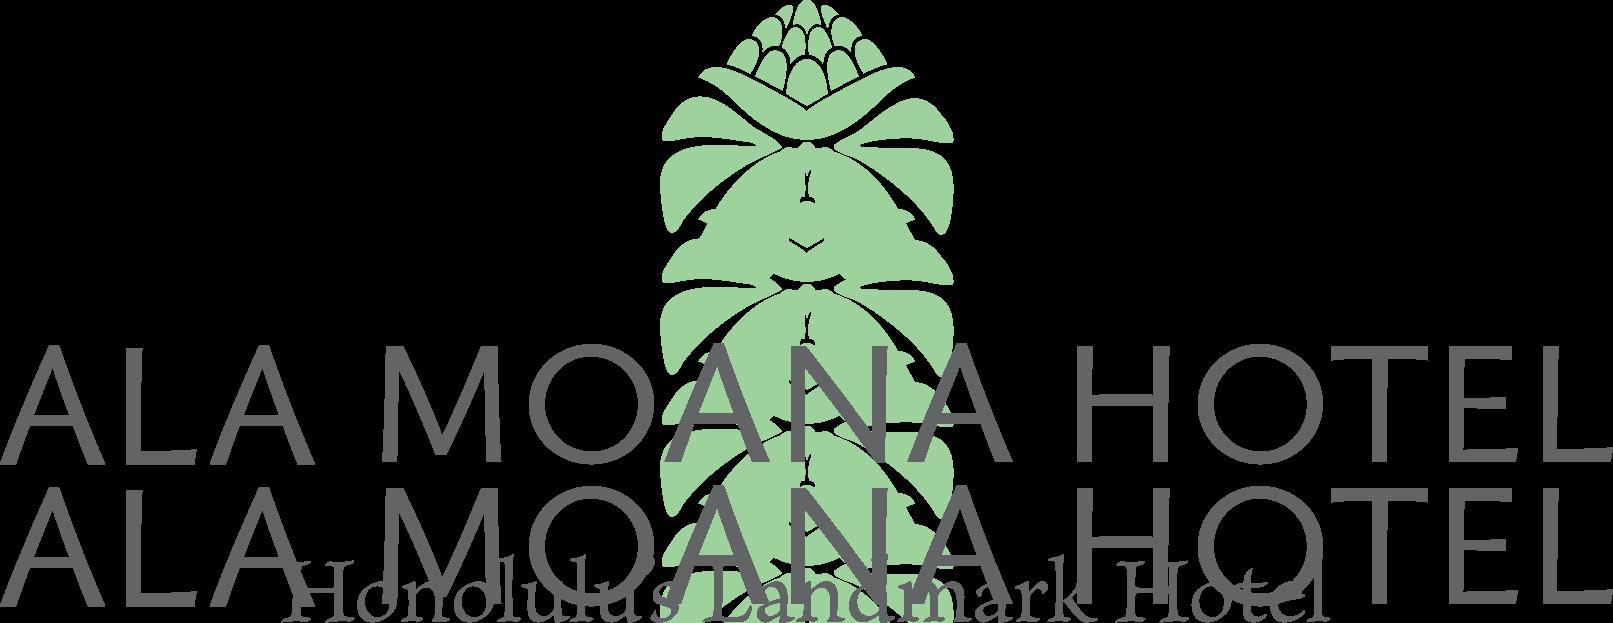 AlaMoanaHotel_Logo.png